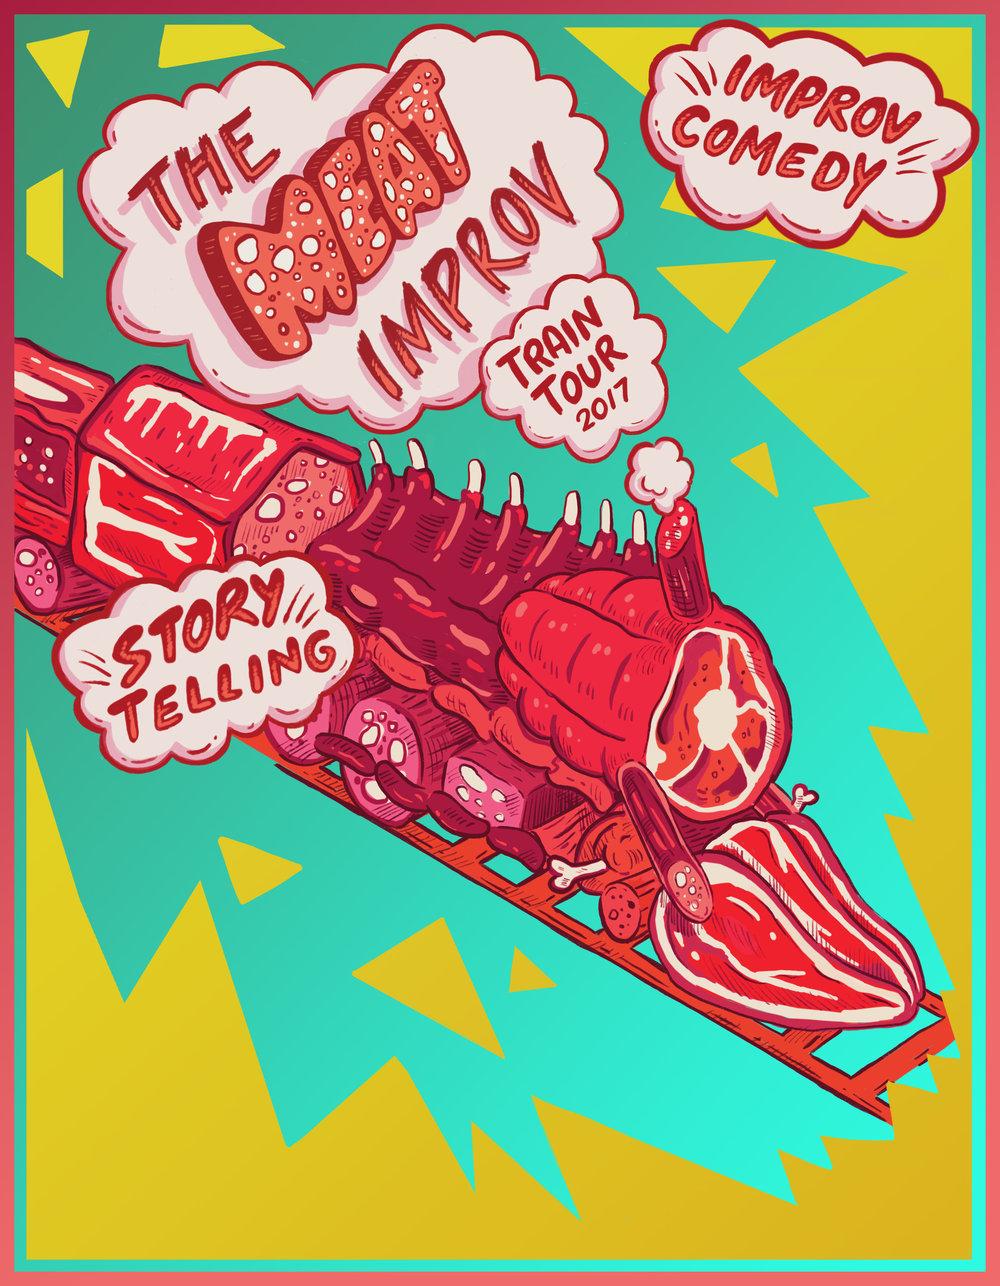 MeatTrain_FINAL.jpg